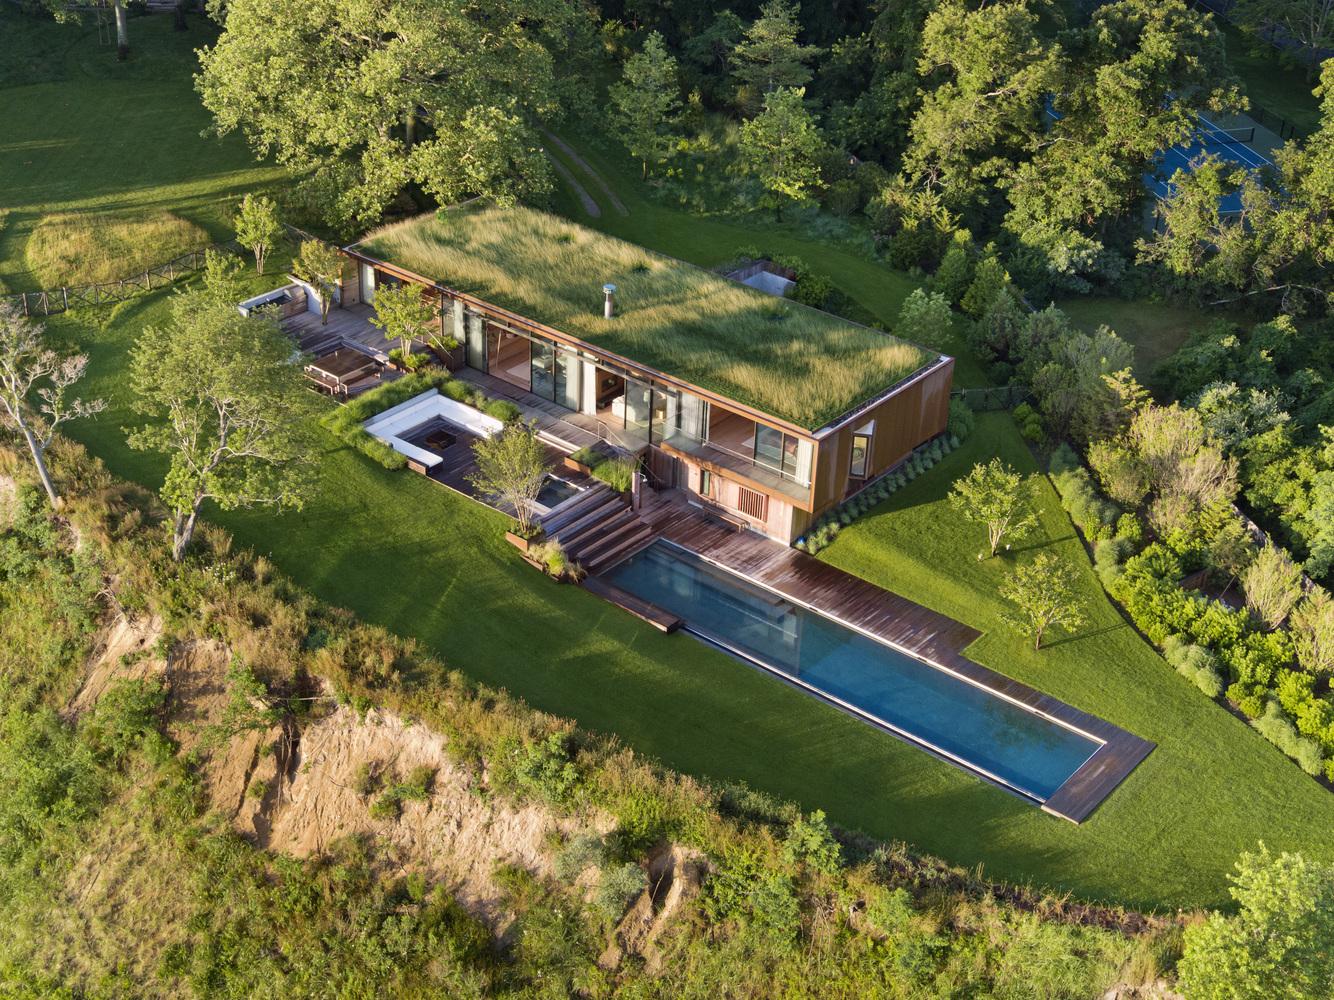 Villa in controtendenza negli Hamptons